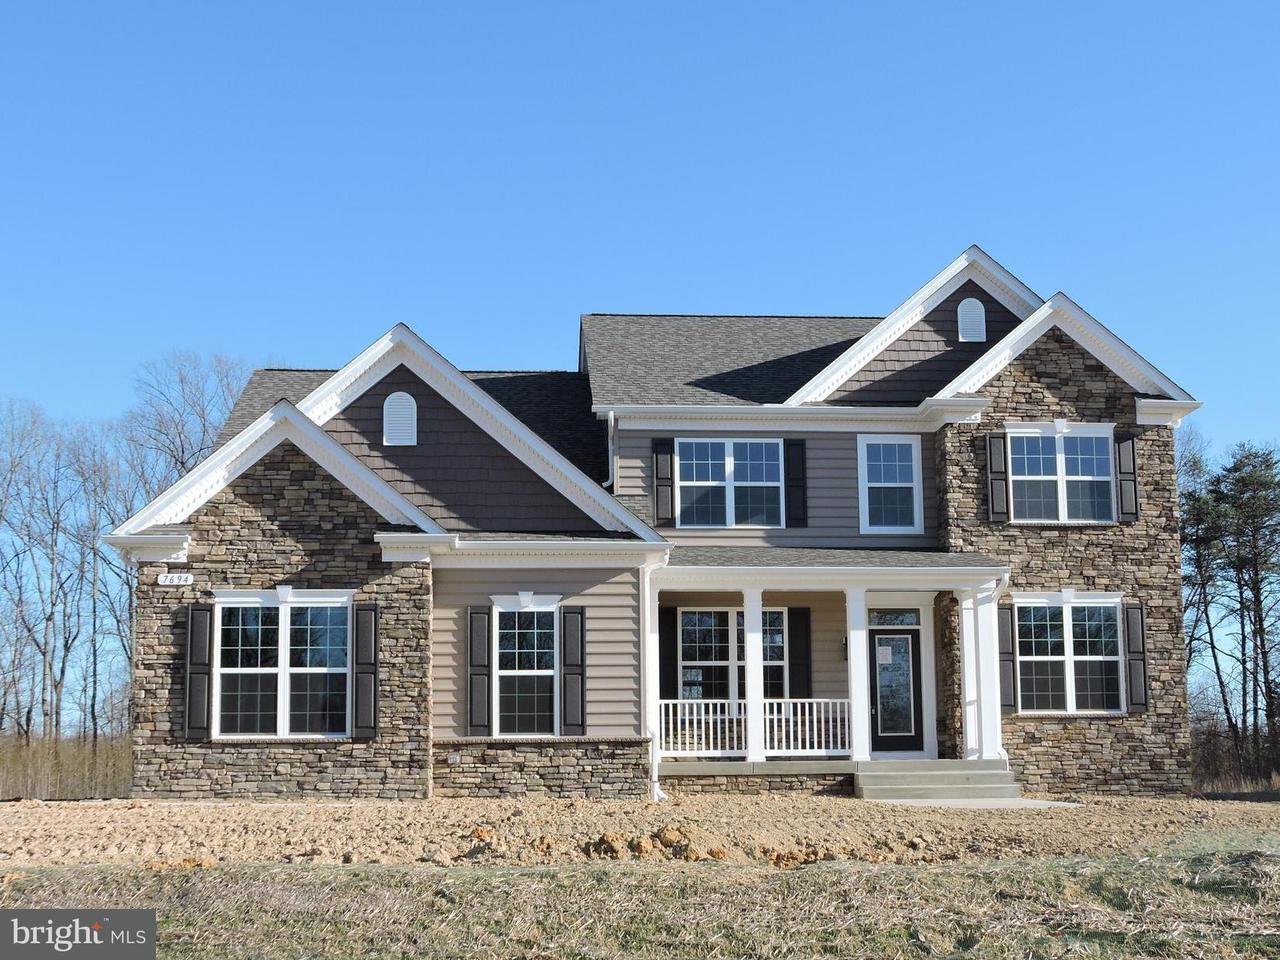 Частный односемейный дом для того Продажа на 7694 KNOTTING HILL LANE 7694 KNOTTING HILL LANE Port Tobacco, Мэриленд 20677 Соединенные Штаты